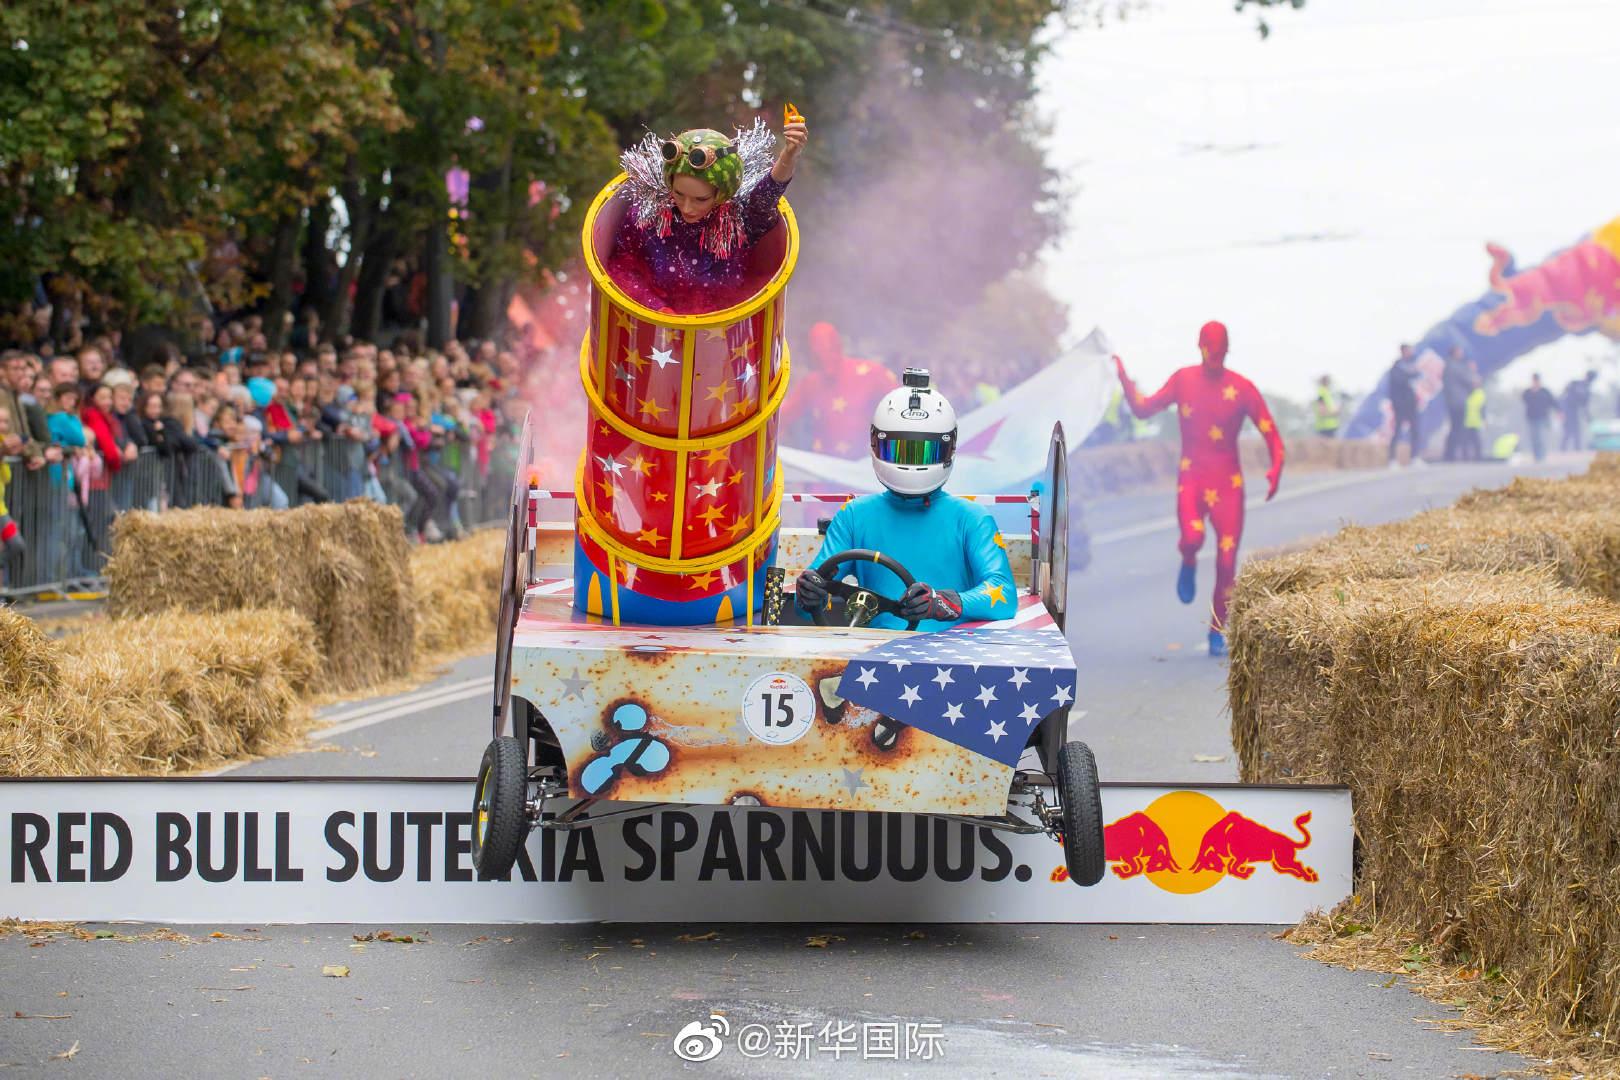 脑洞大开!立陶宛举行肥皂盒汽车赛创意打几分